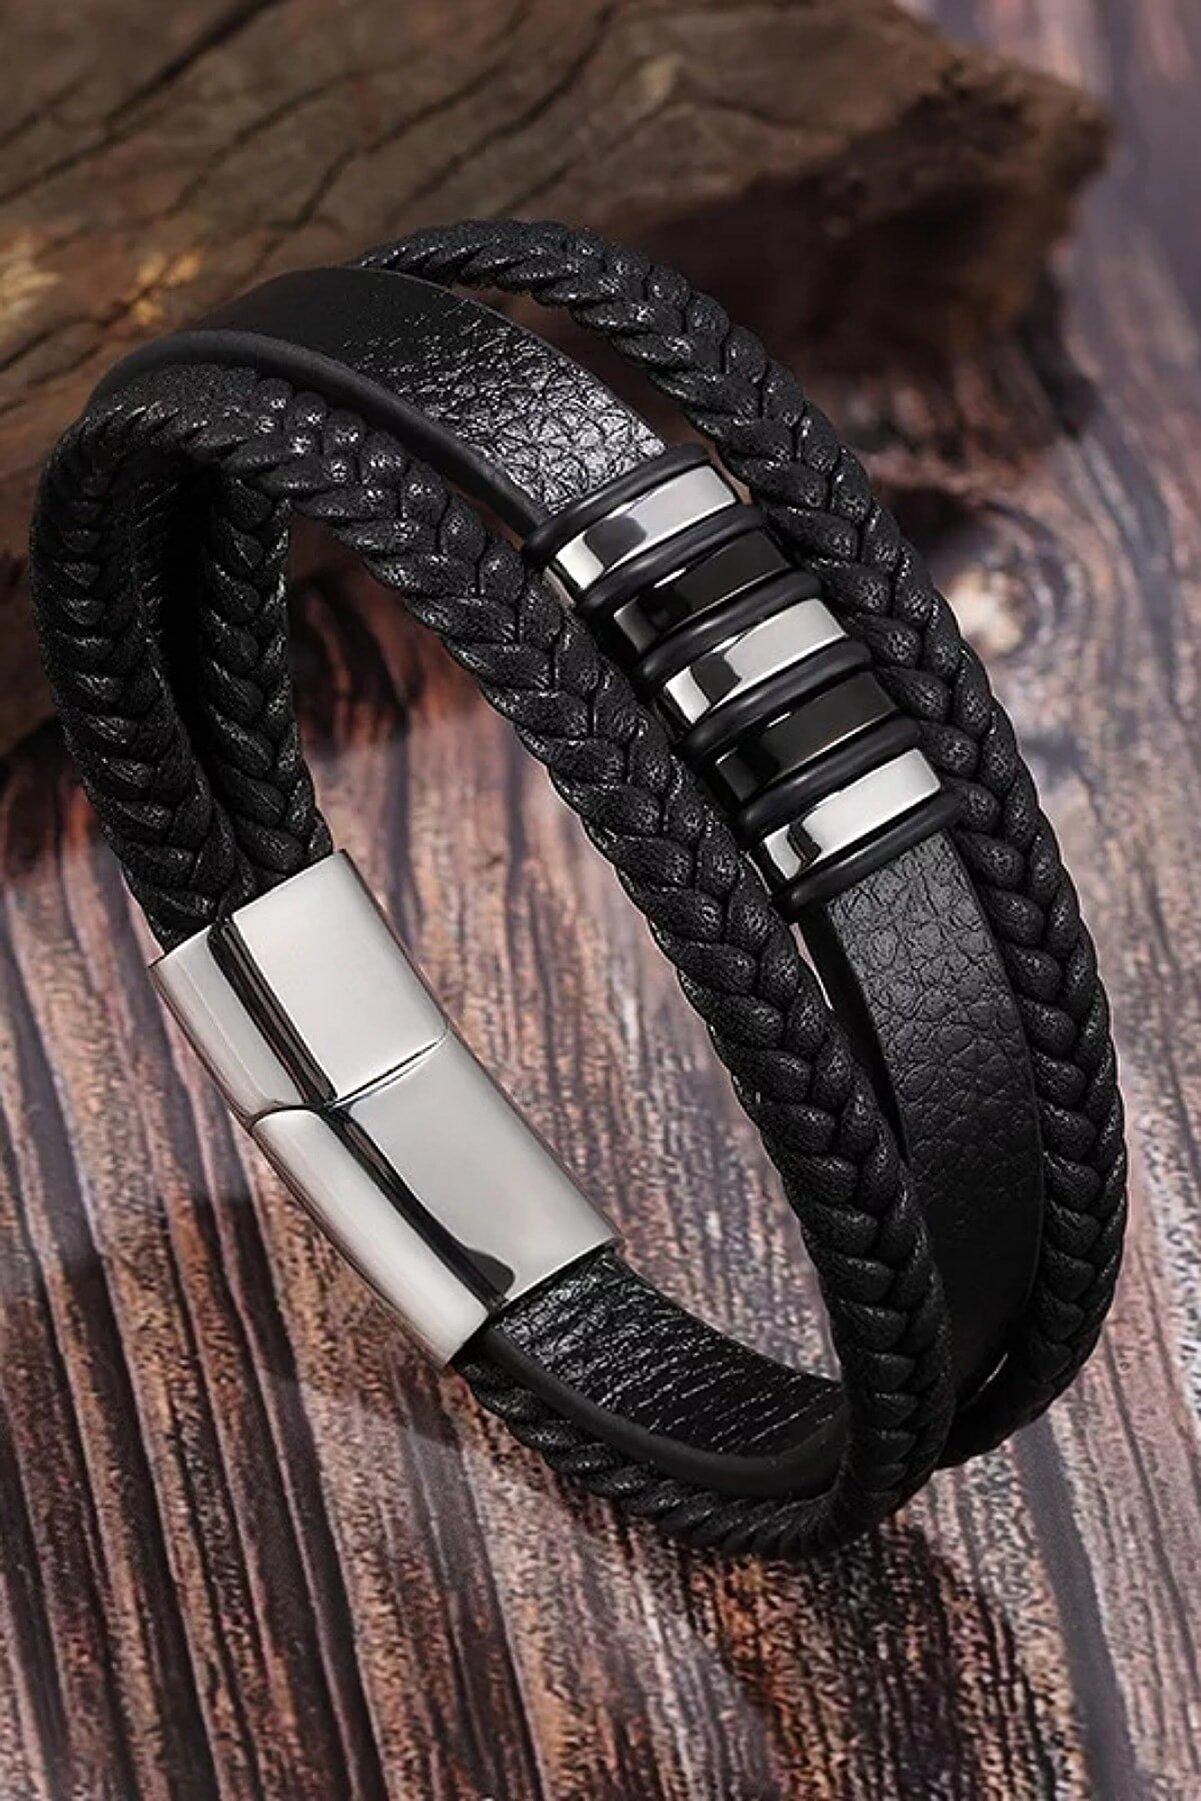 Gogoey Erkek Bileklik Hakiki Deri - Siyah Silver Hasır Örme Şık Modern